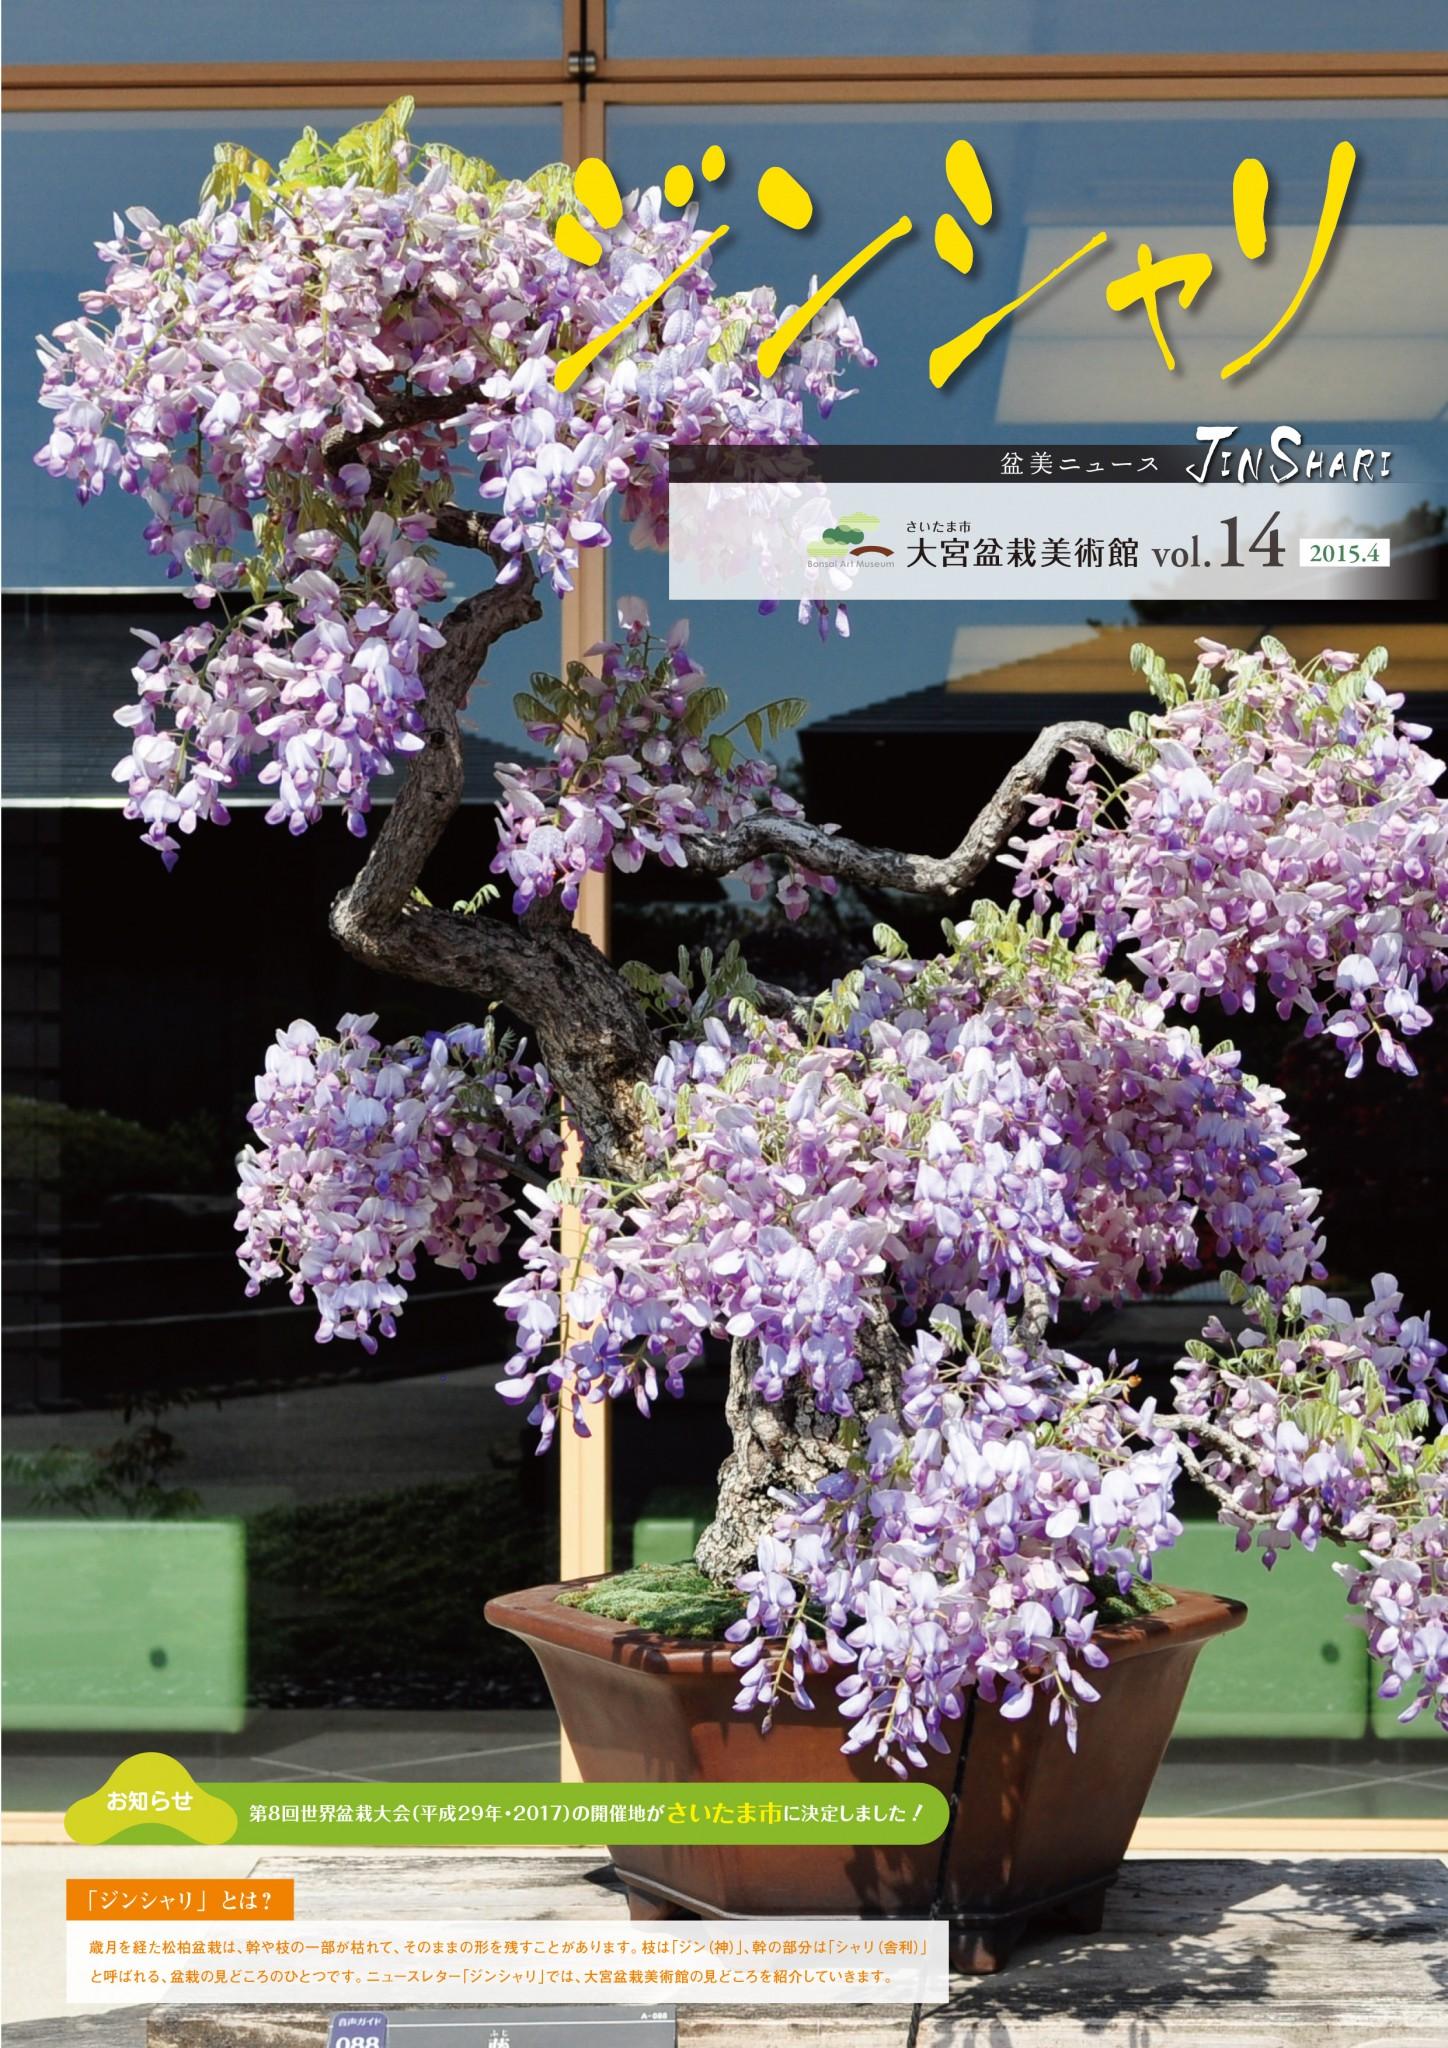 ジンシャリ Vol.14